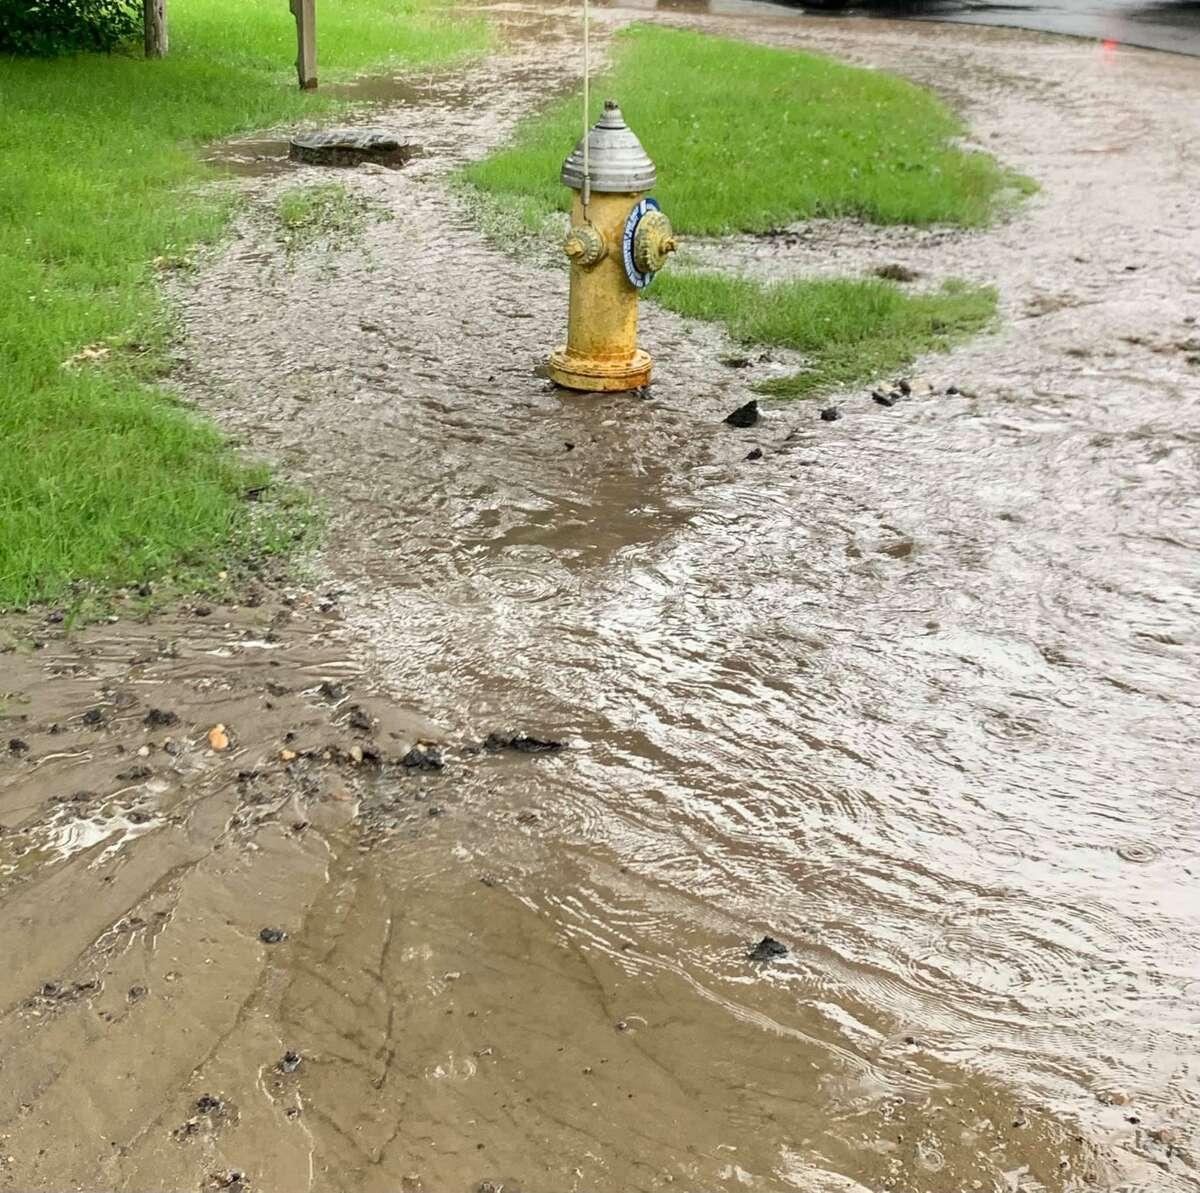 A water main break in Monroe, Conn., on Tuesday, June 22, 2021.